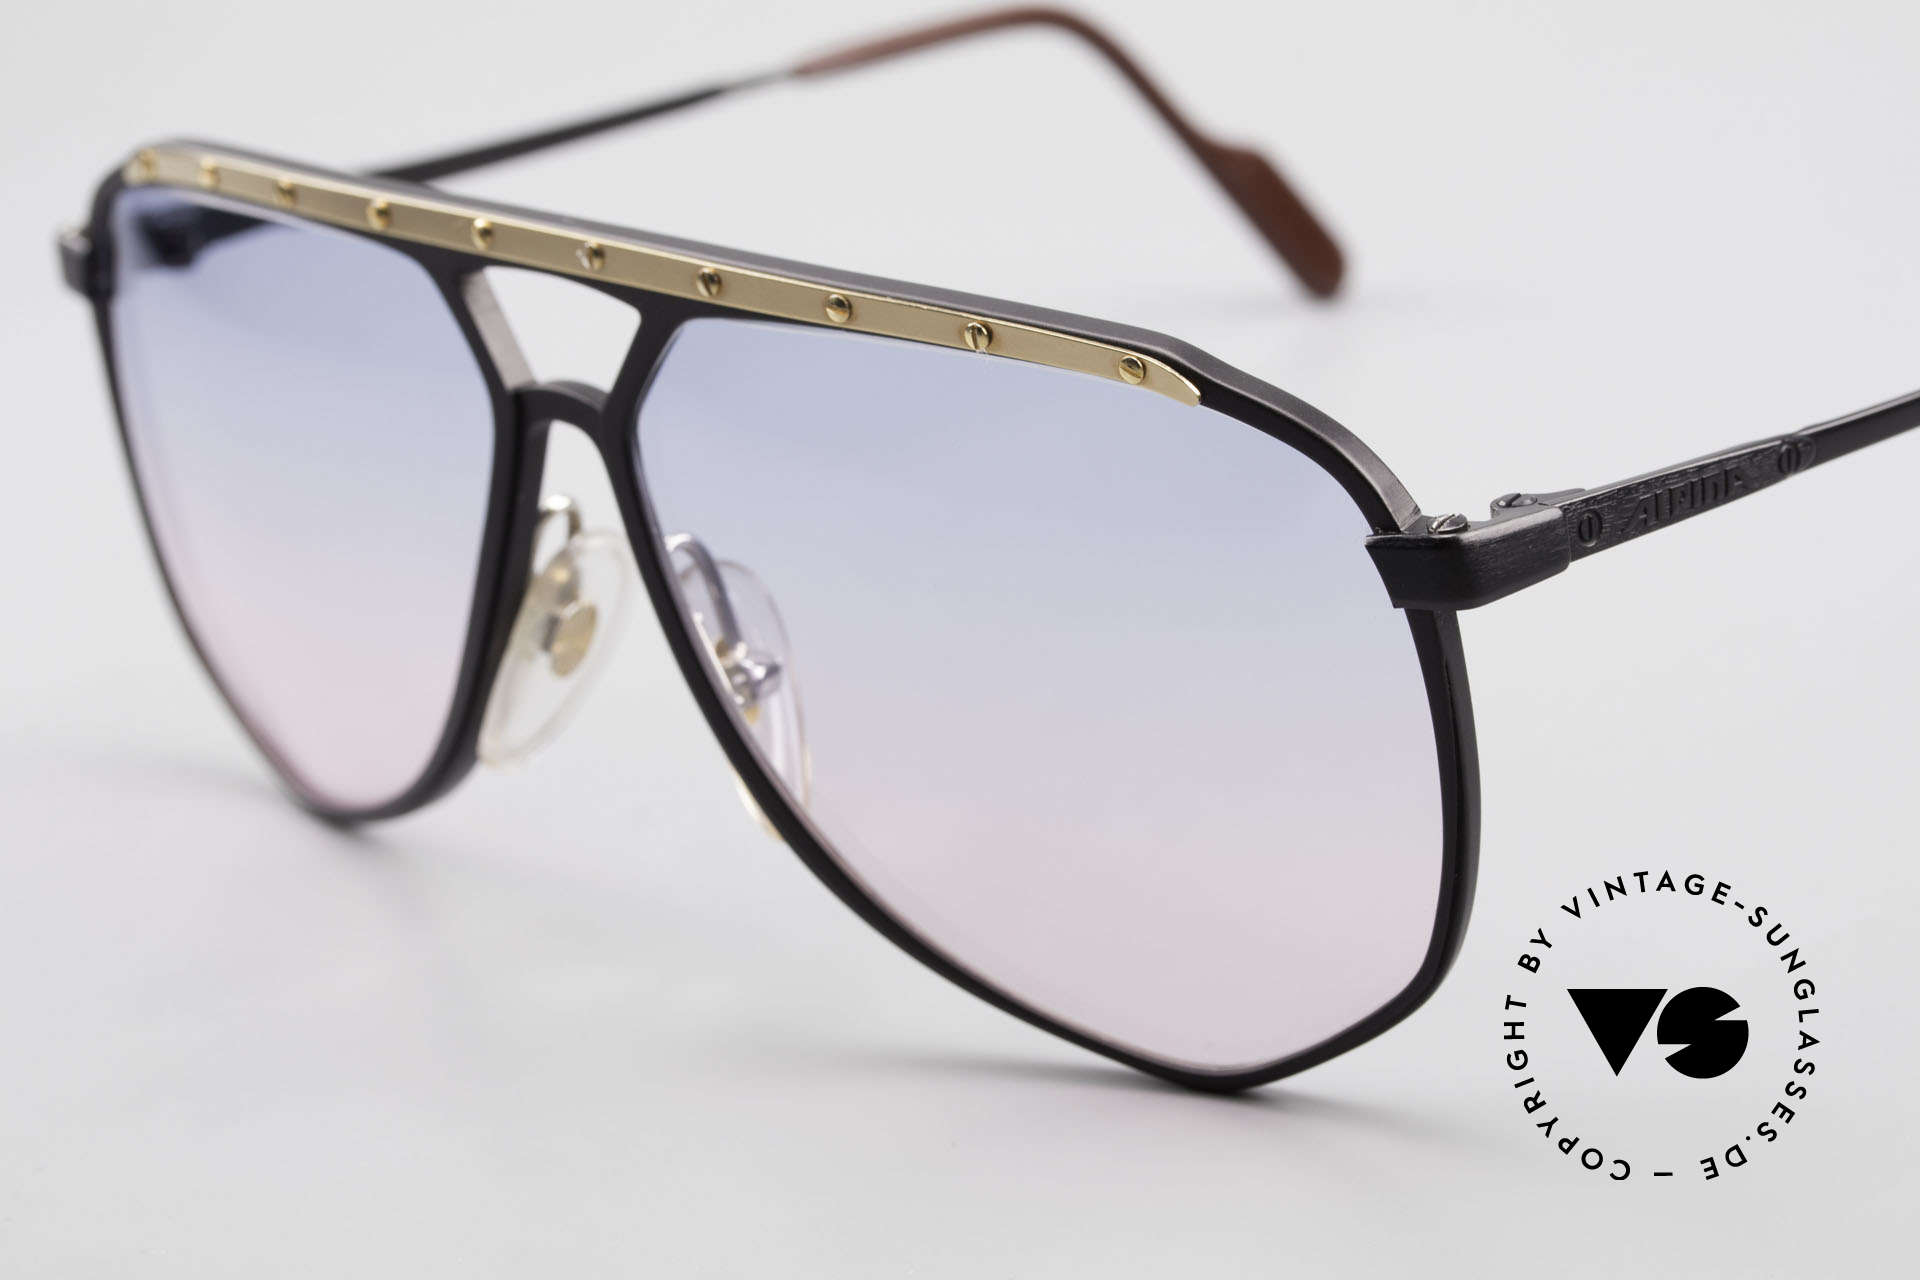 Alpina M1/4 Alte 80er Brille Baby-Blau Pink, ungetragen (wie alle unsere Alpina Sonnenbrillen), Passend für Herren